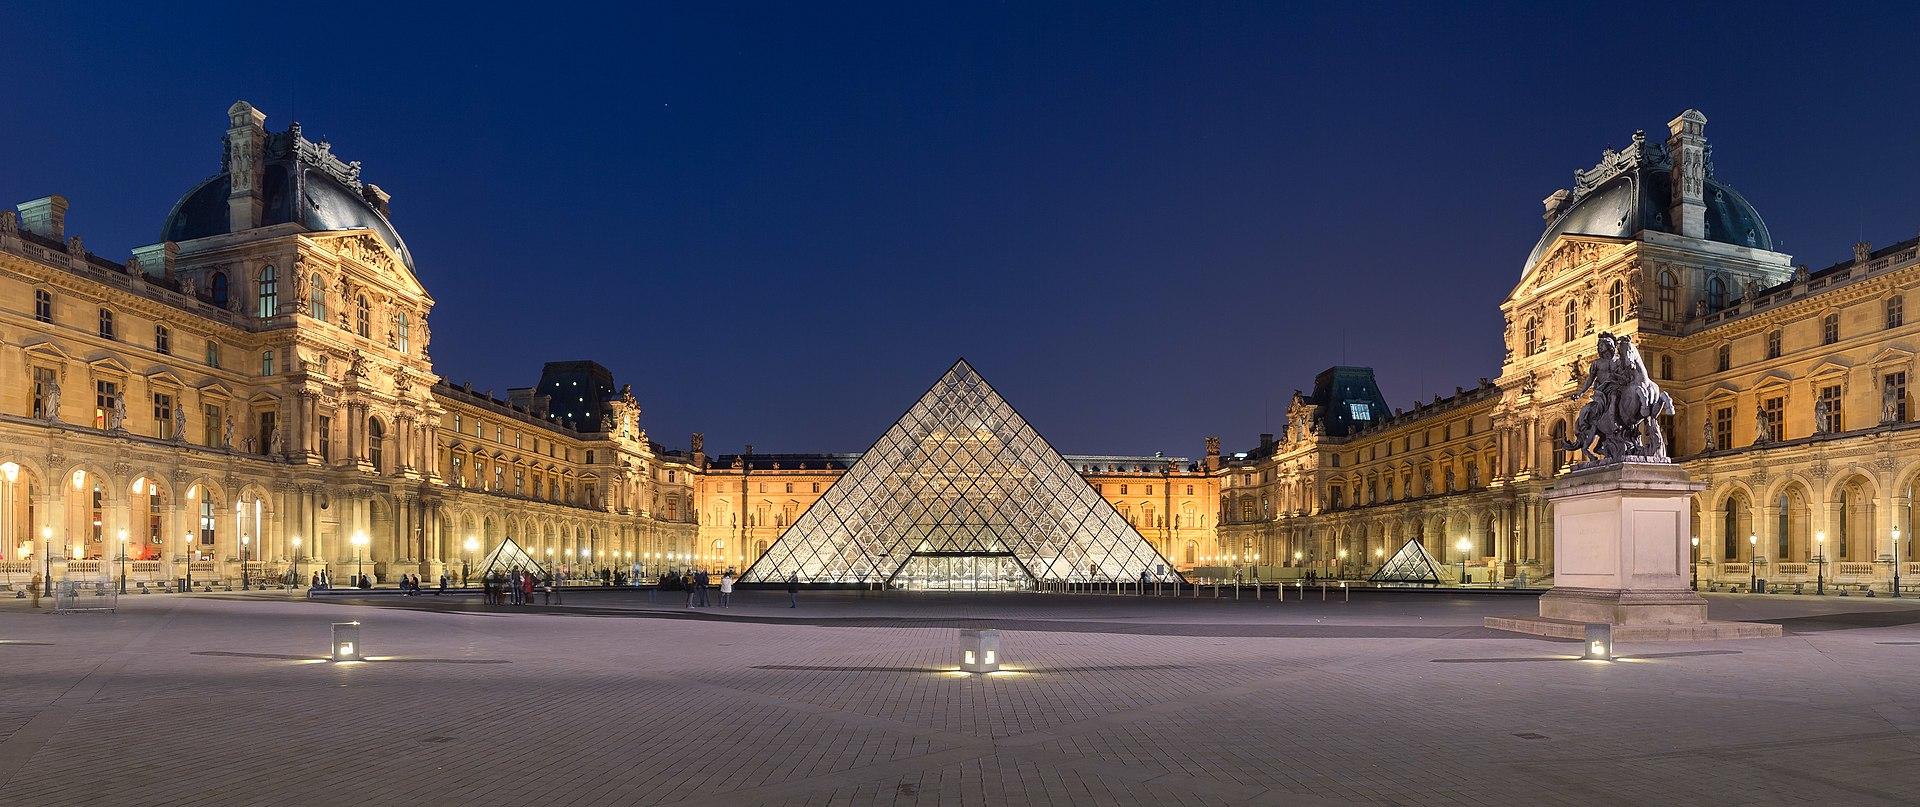 Musée du Louvre à Paris - cour Napoléon avec la pyramide de l'architect Pei au centre